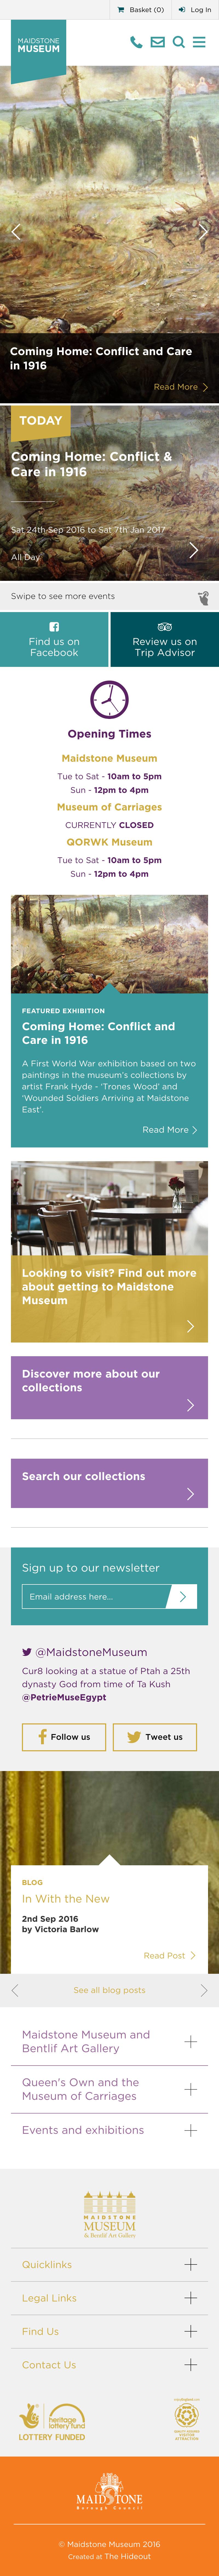 iphone-site-example-maidstone-museum